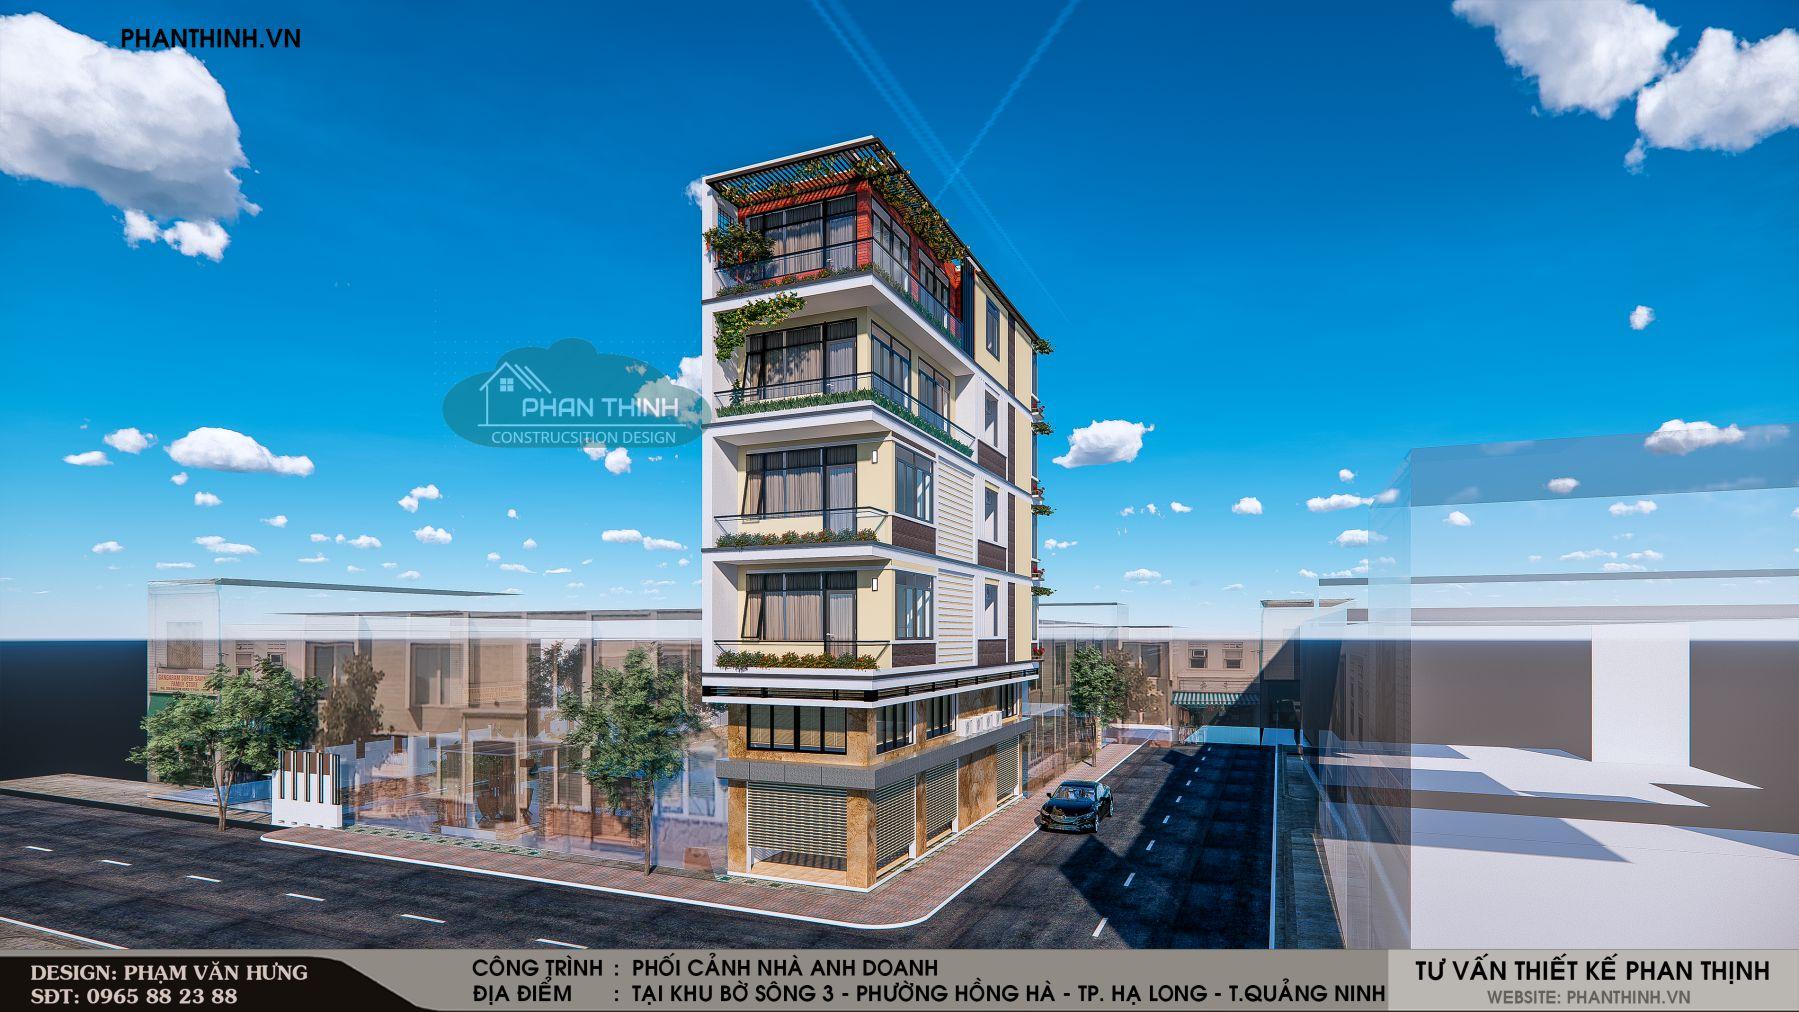 Nhà phố 5 tầng 2 mặt tiền phong cách hiện đại tại Quảng Ninh